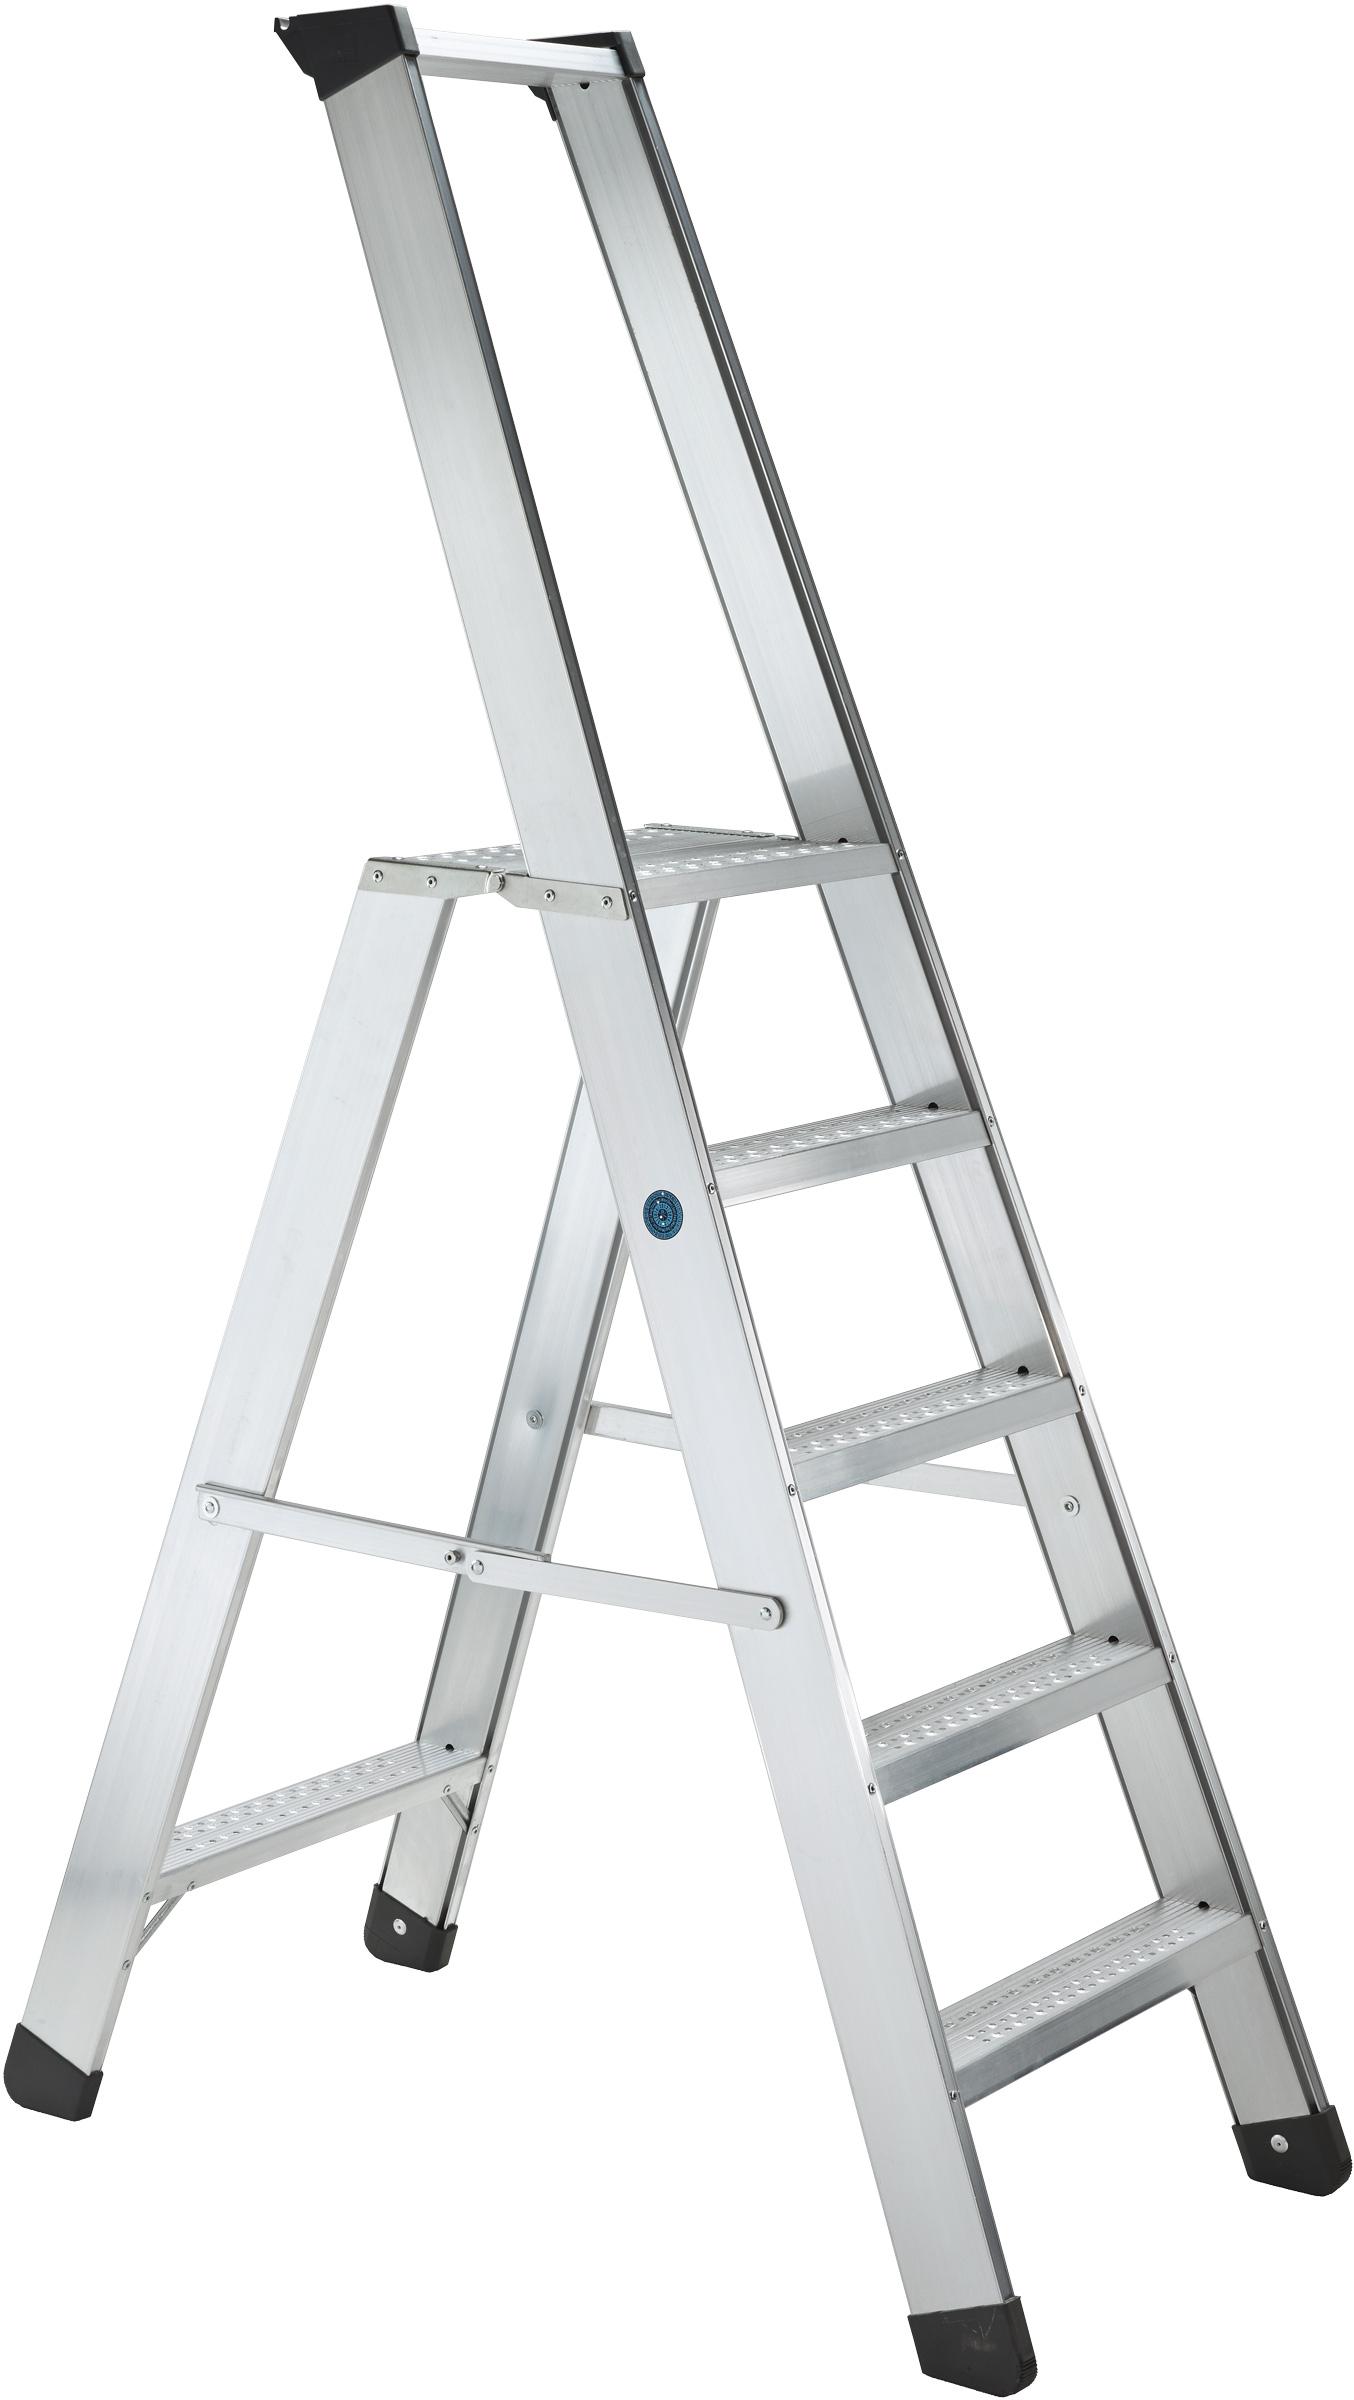 ZARGES Stufen Stehleiter Seventec RC S - 4 Stufen